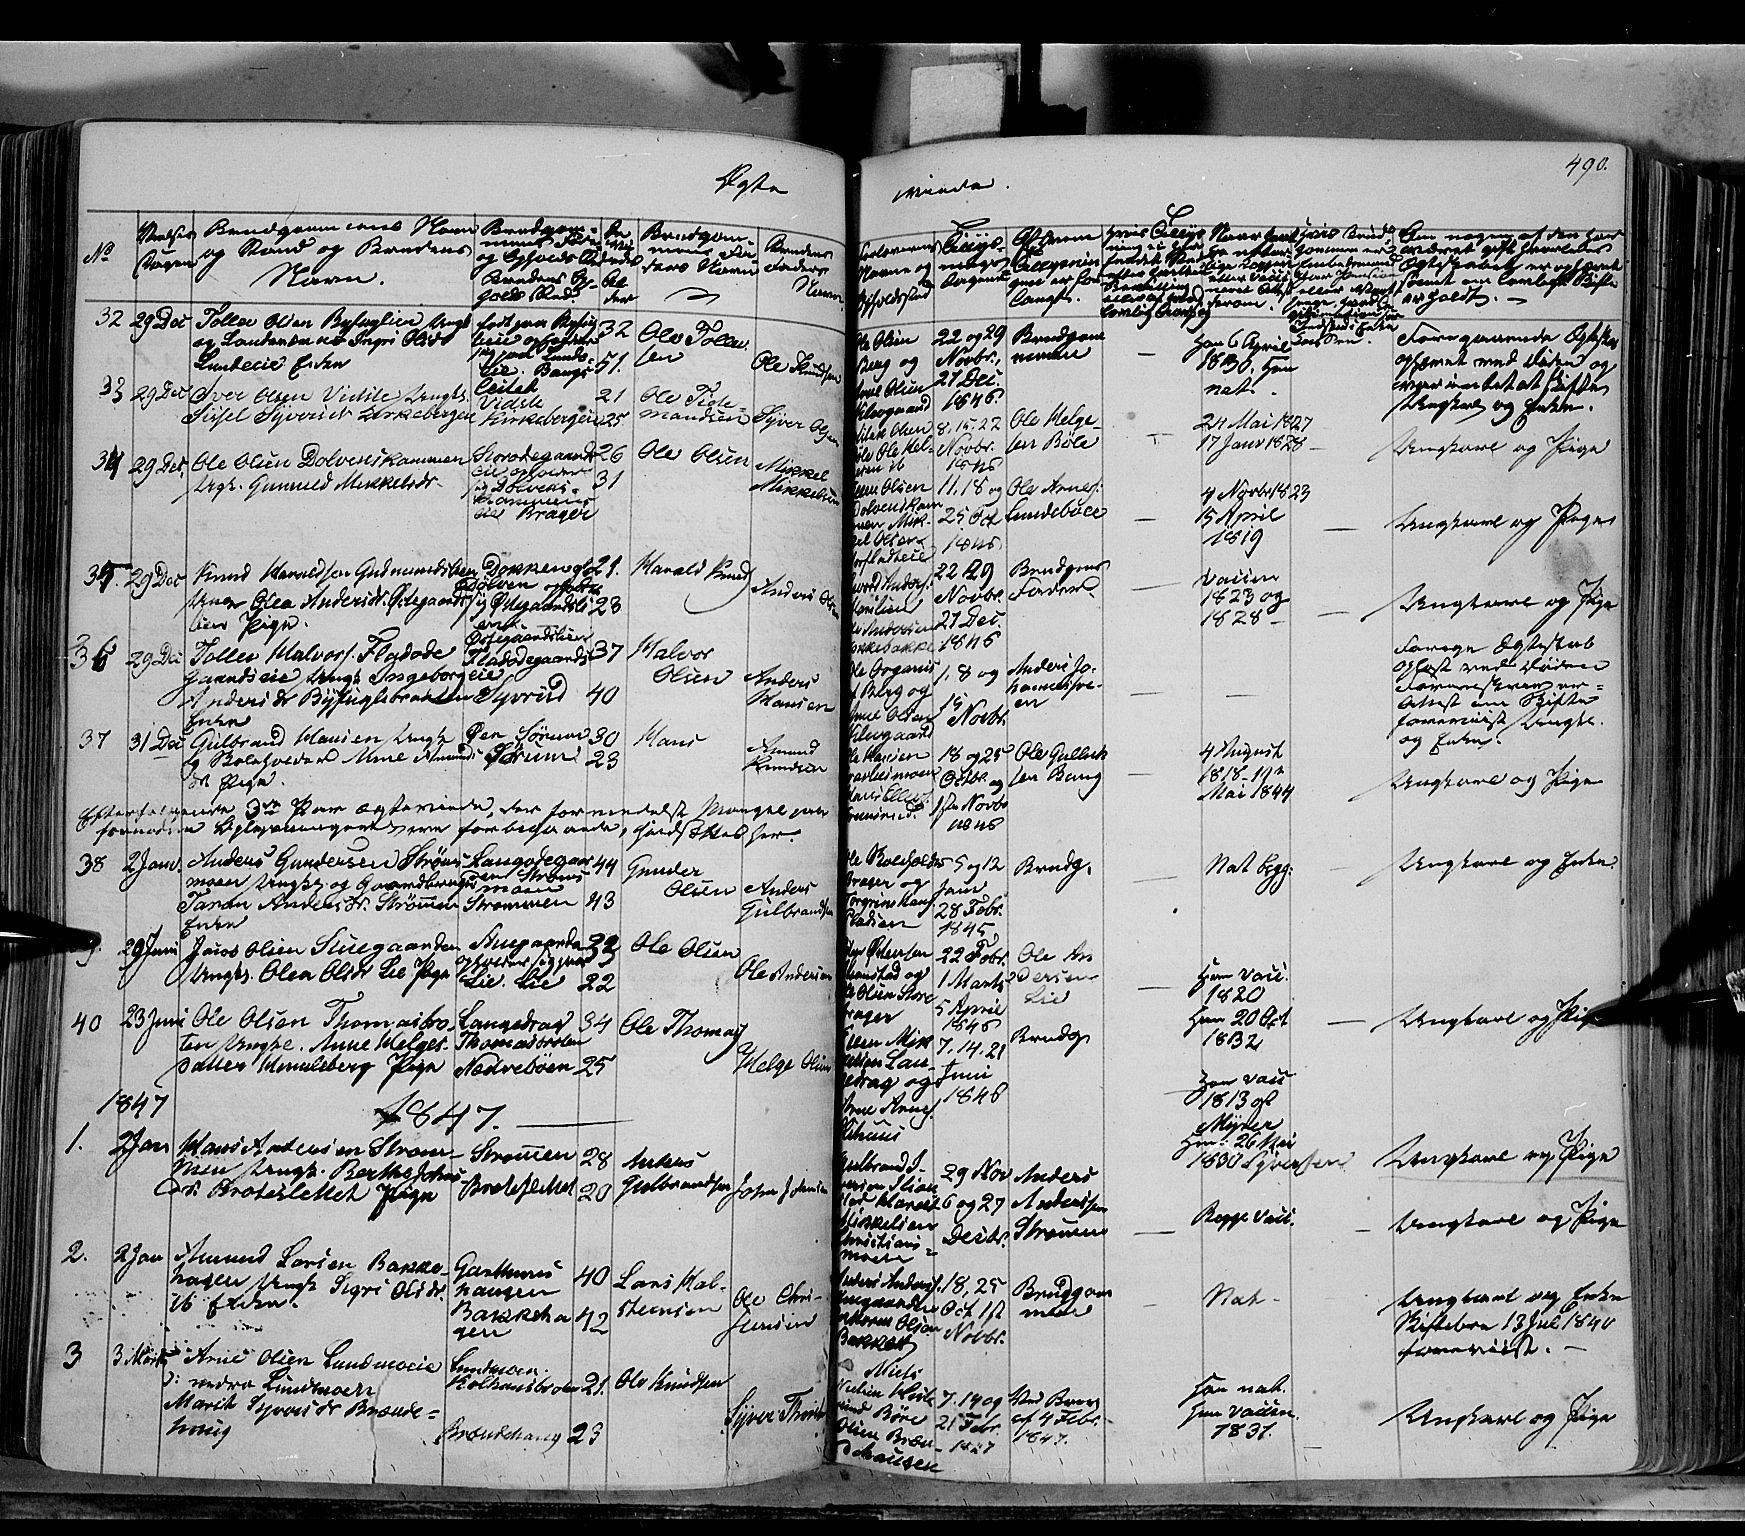 SAH, Sør-Aurdal prestekontor, Ministerialbok nr. 4, 1841-1849, s. 489-490